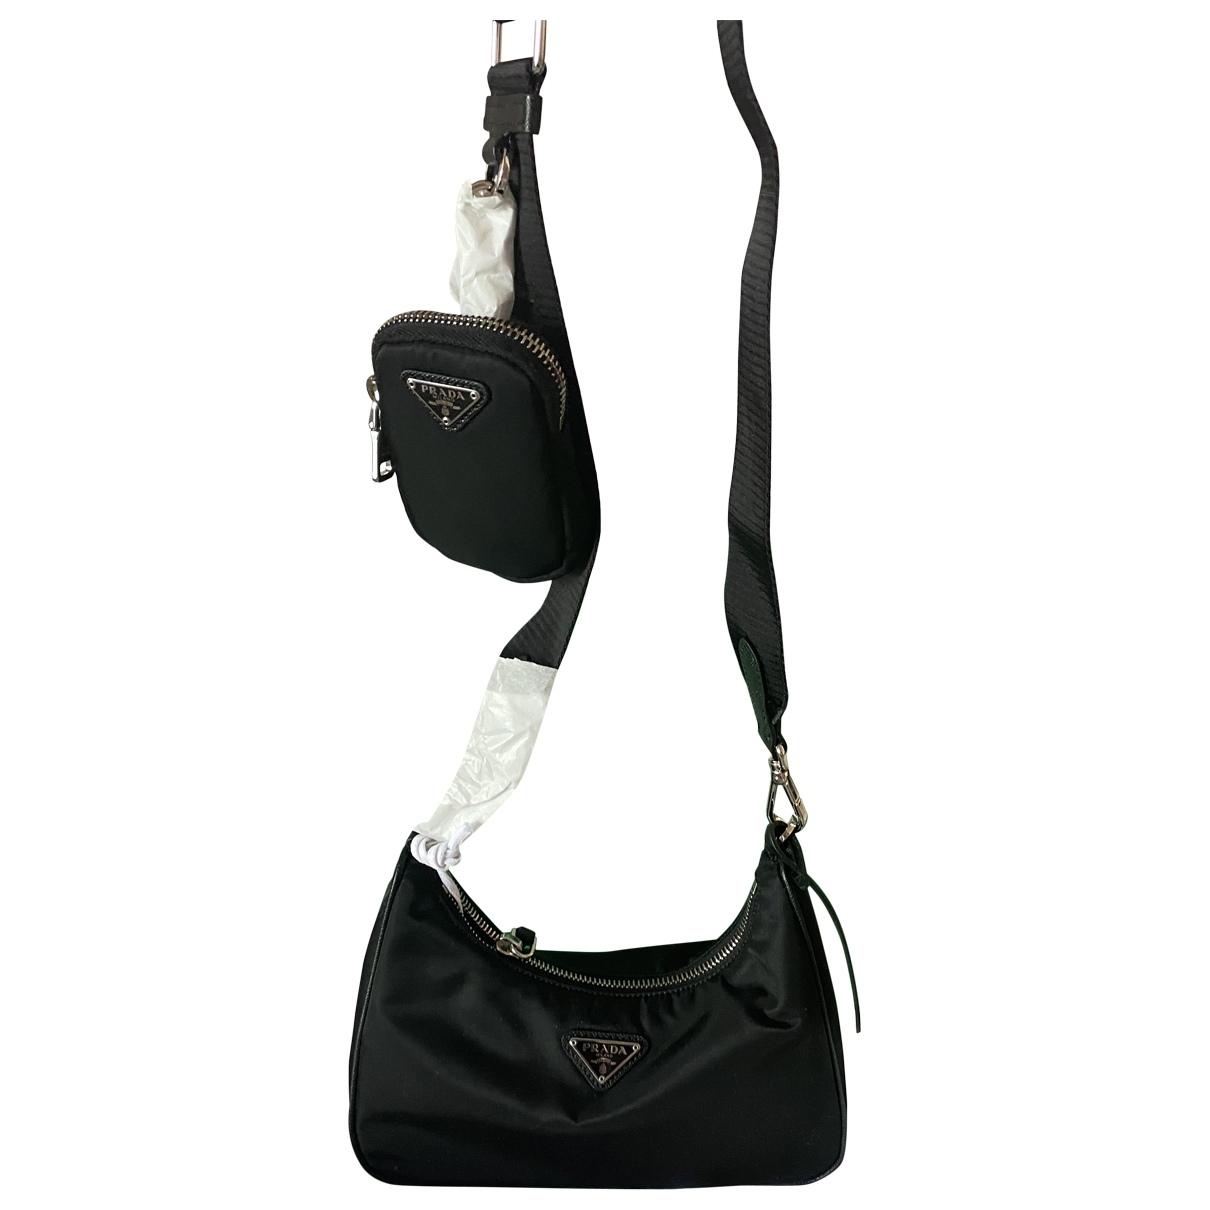 Prada - Sac a main Re-edition pour femme en toile - noir